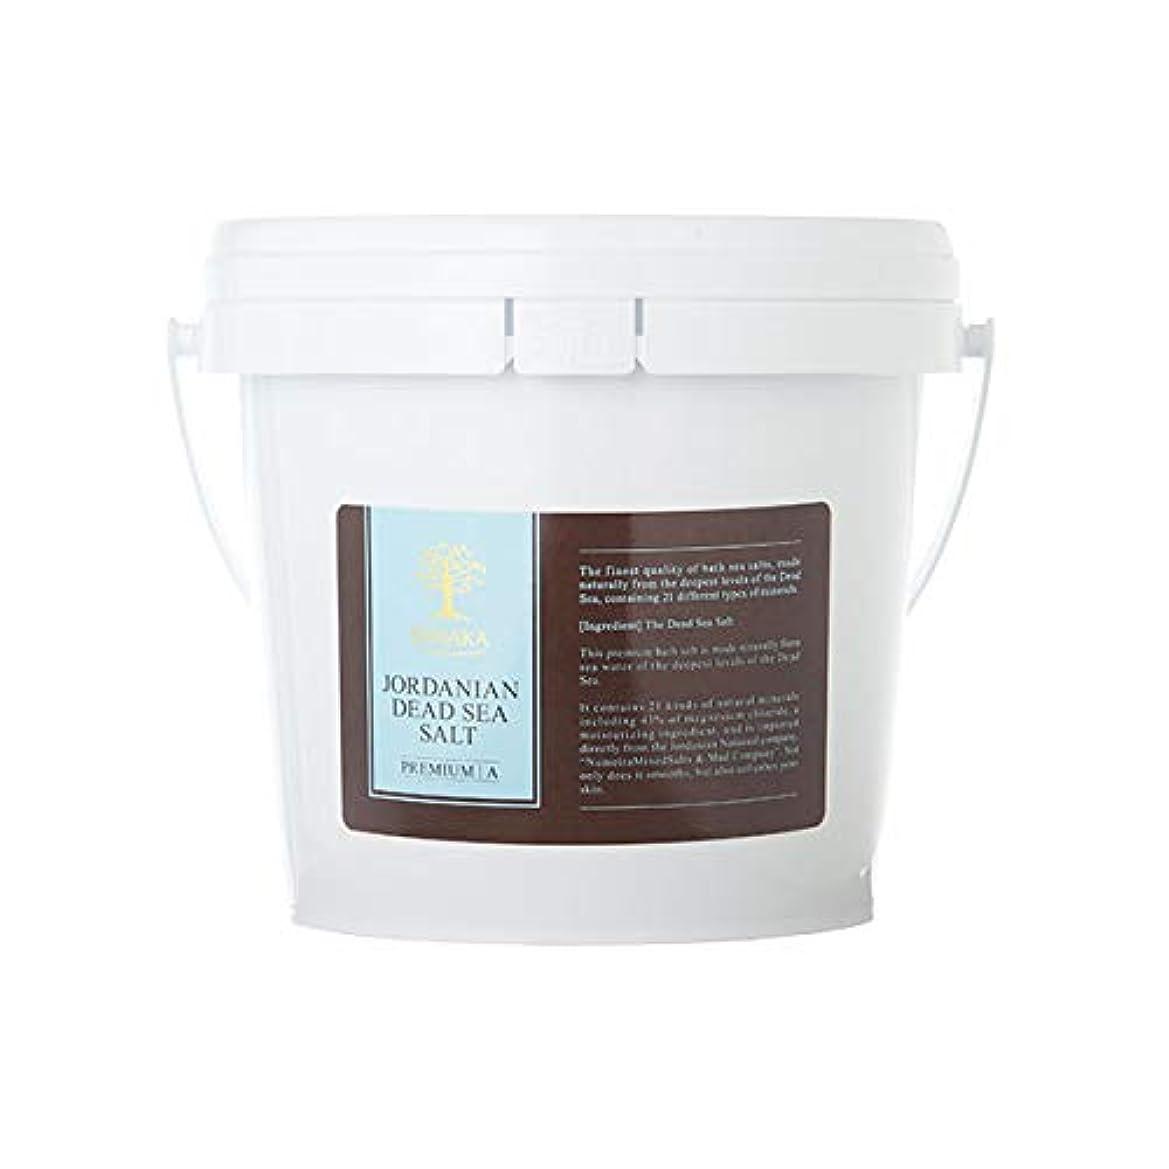 砂より平らなかるBARAKA(バラカ) ジョルダニアン デッドシー ソルト バケツ 1.5kg バスソルト 入浴剤 ヨルダン産死海塩100%